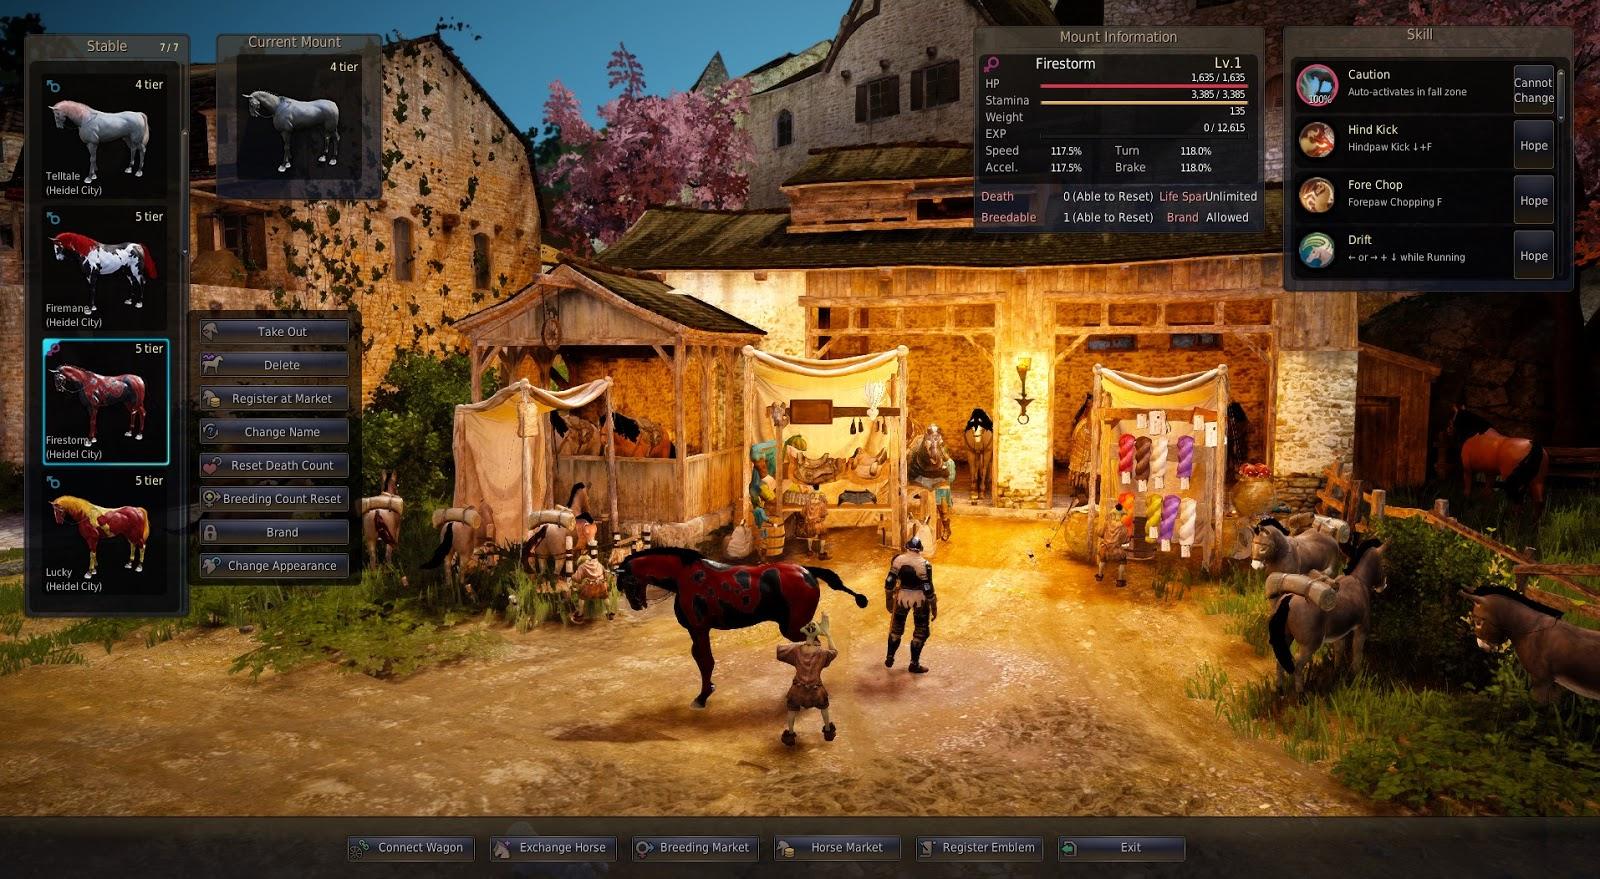 Black Desert Online Tips: Tier 5 Female from Tier 4 Level 14 Horses